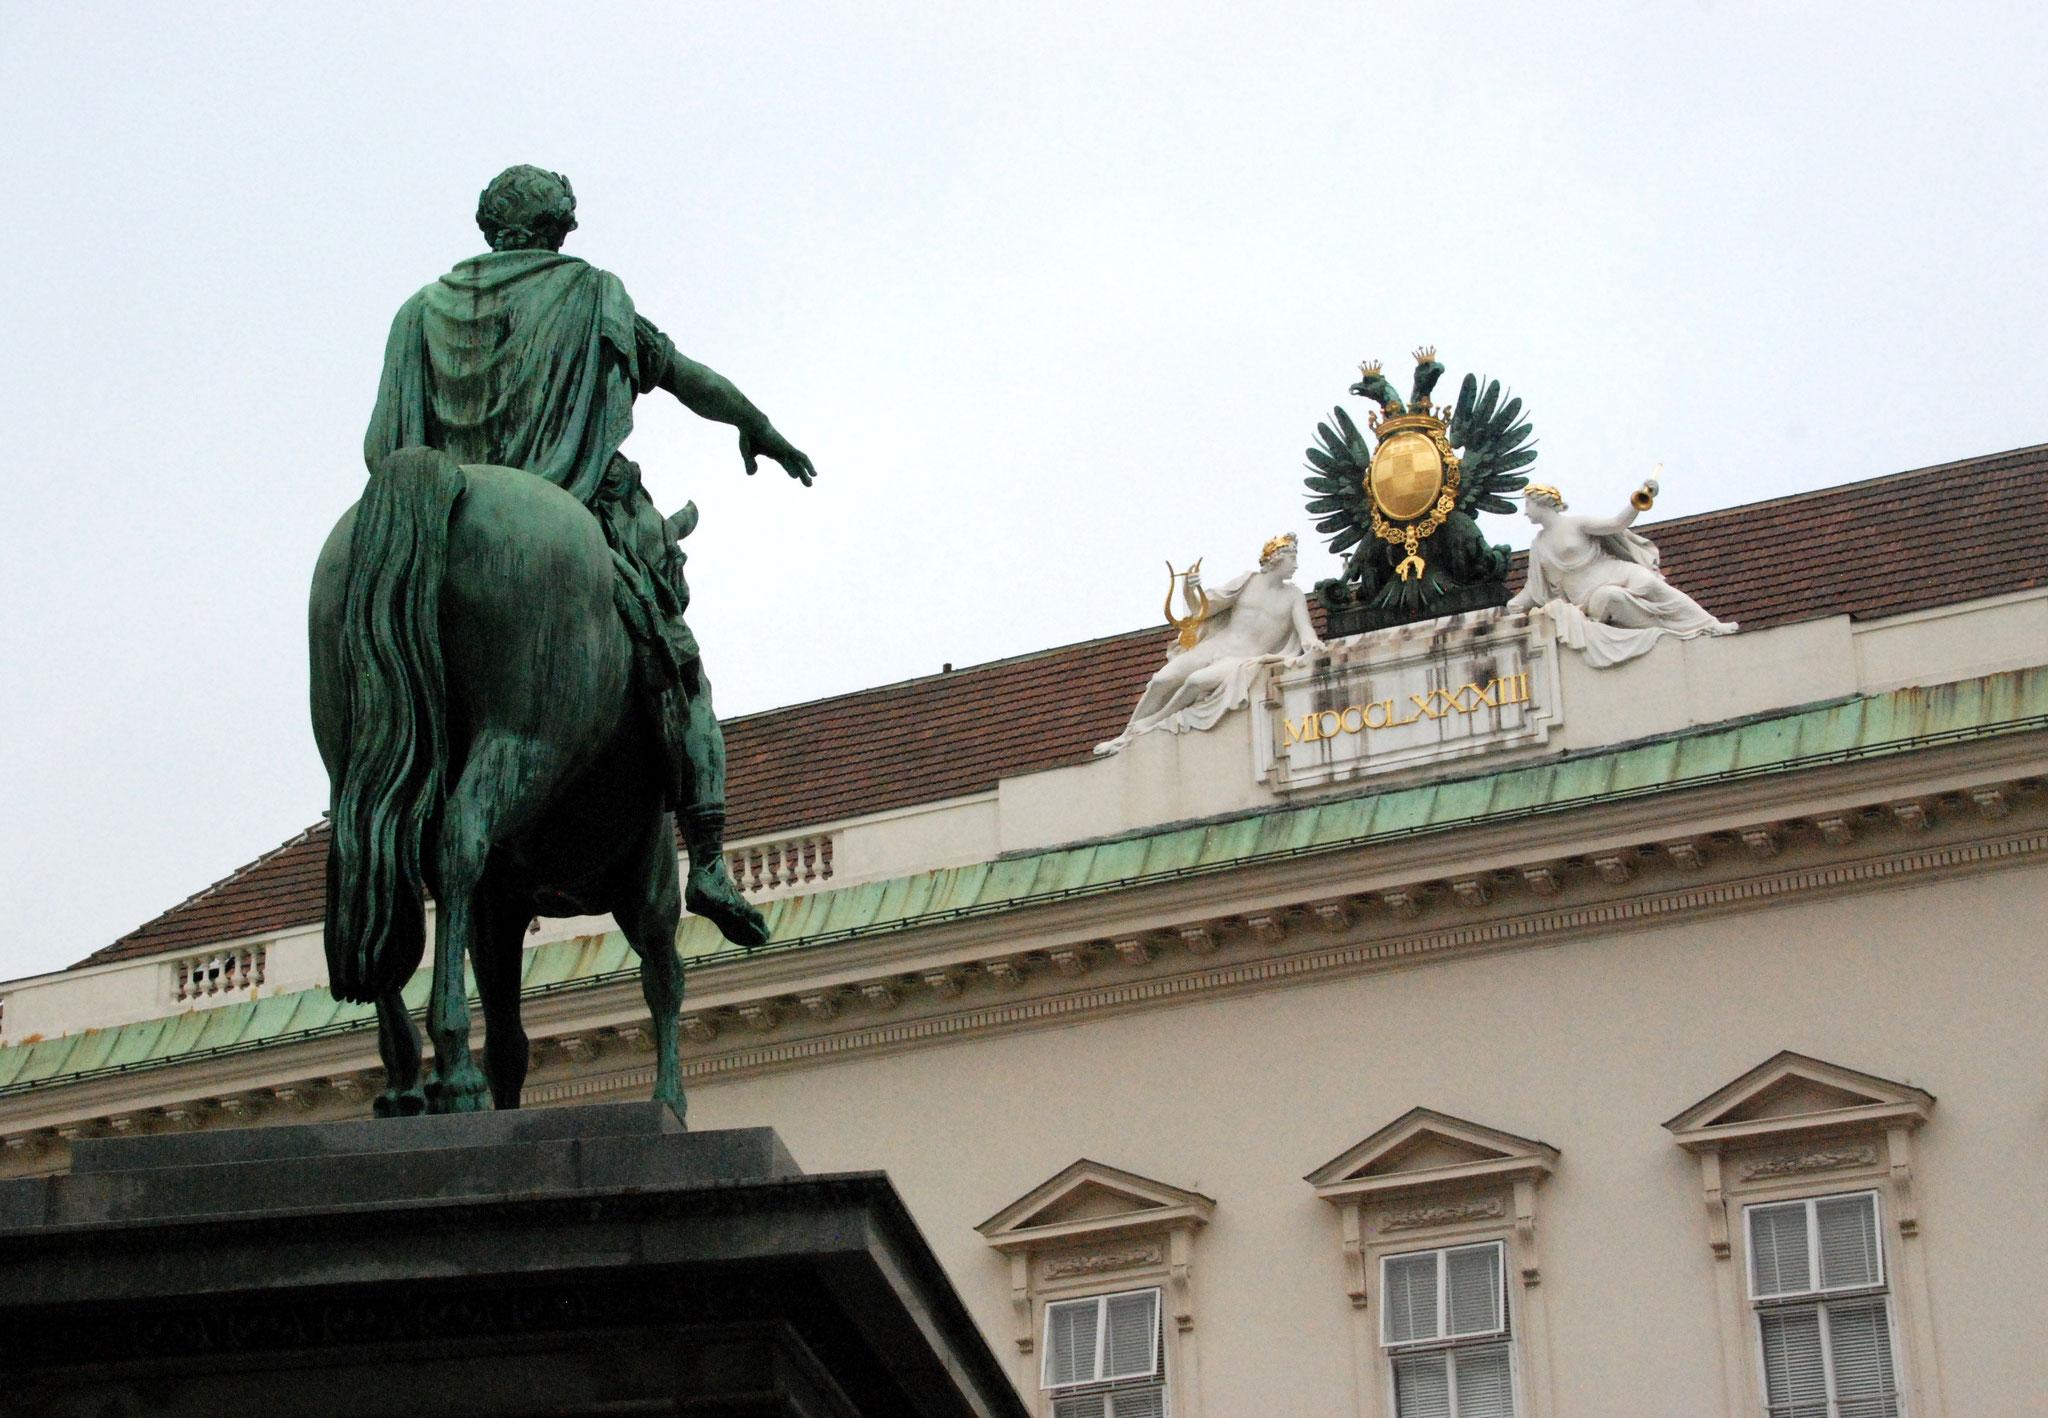 1382 - Stolz der Hofburg